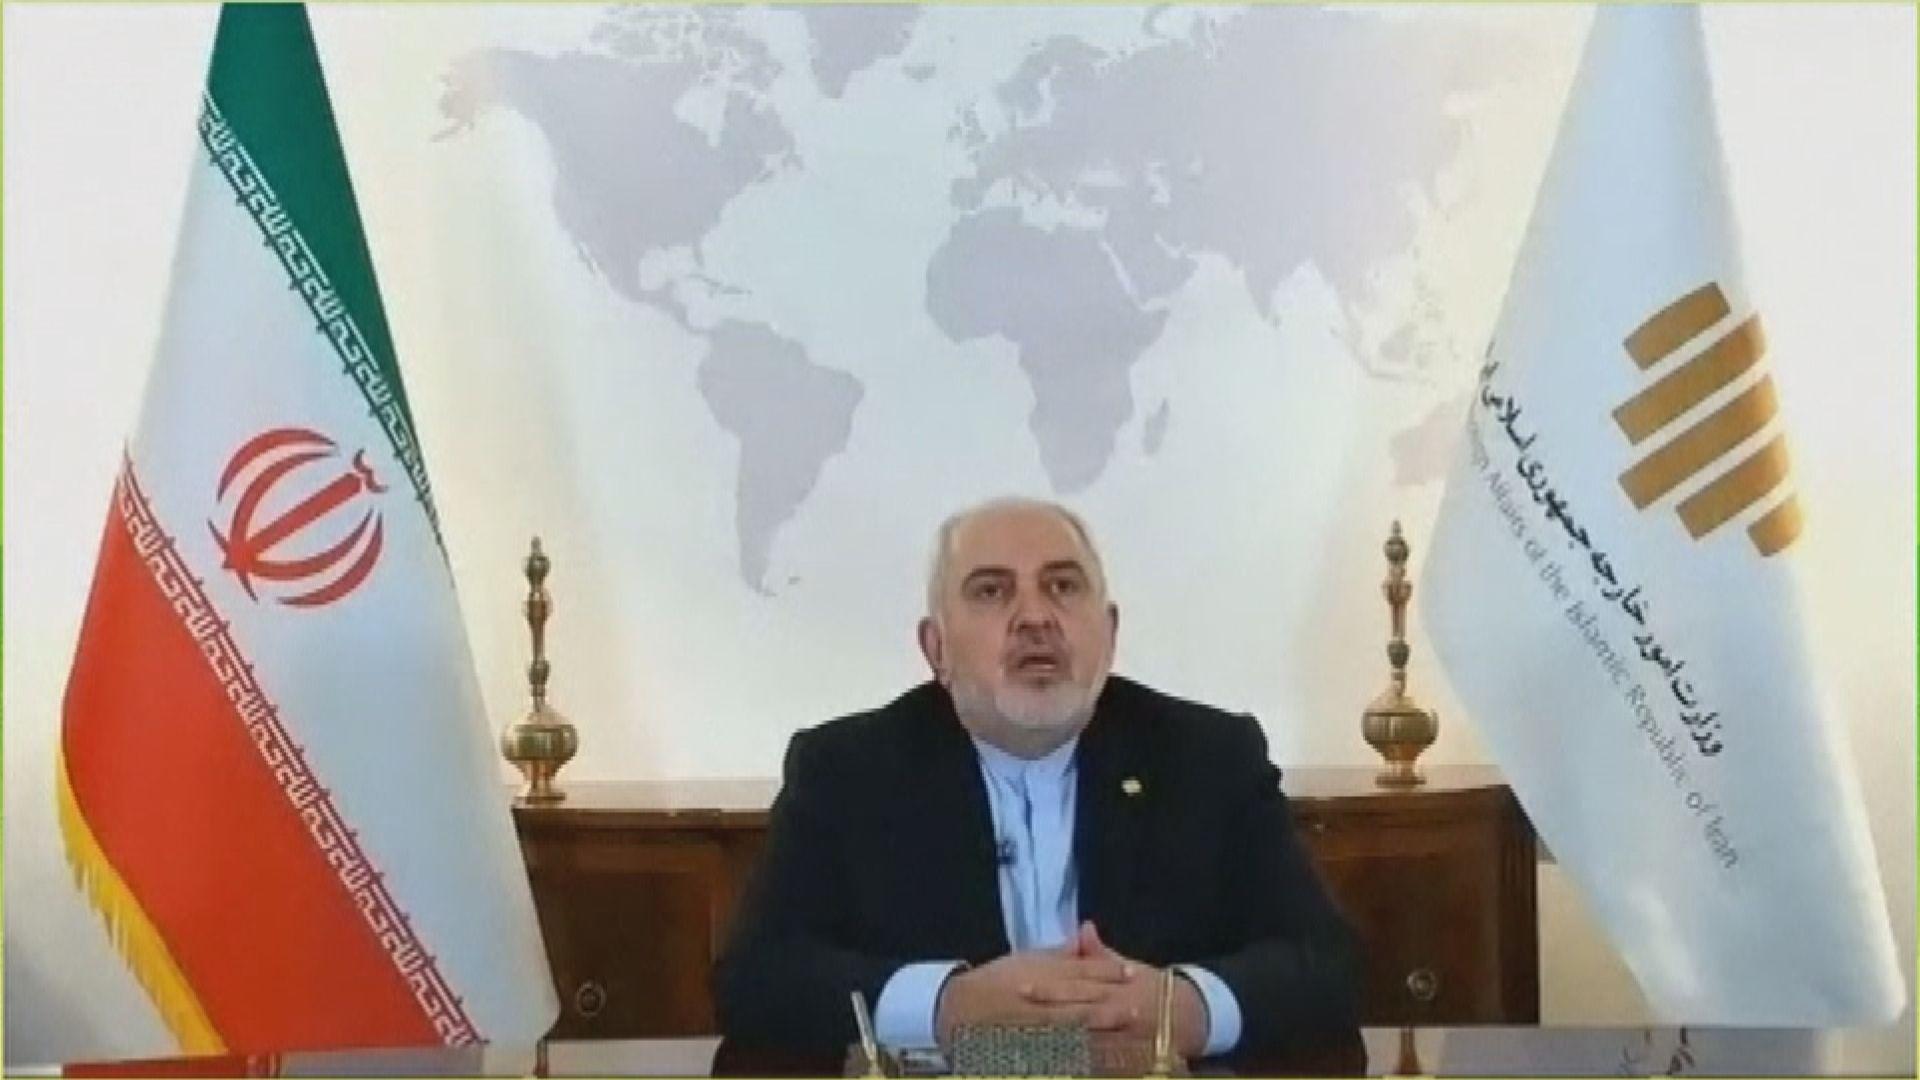 伊朗外長批特朗普利用伊朗核問題爭取連任